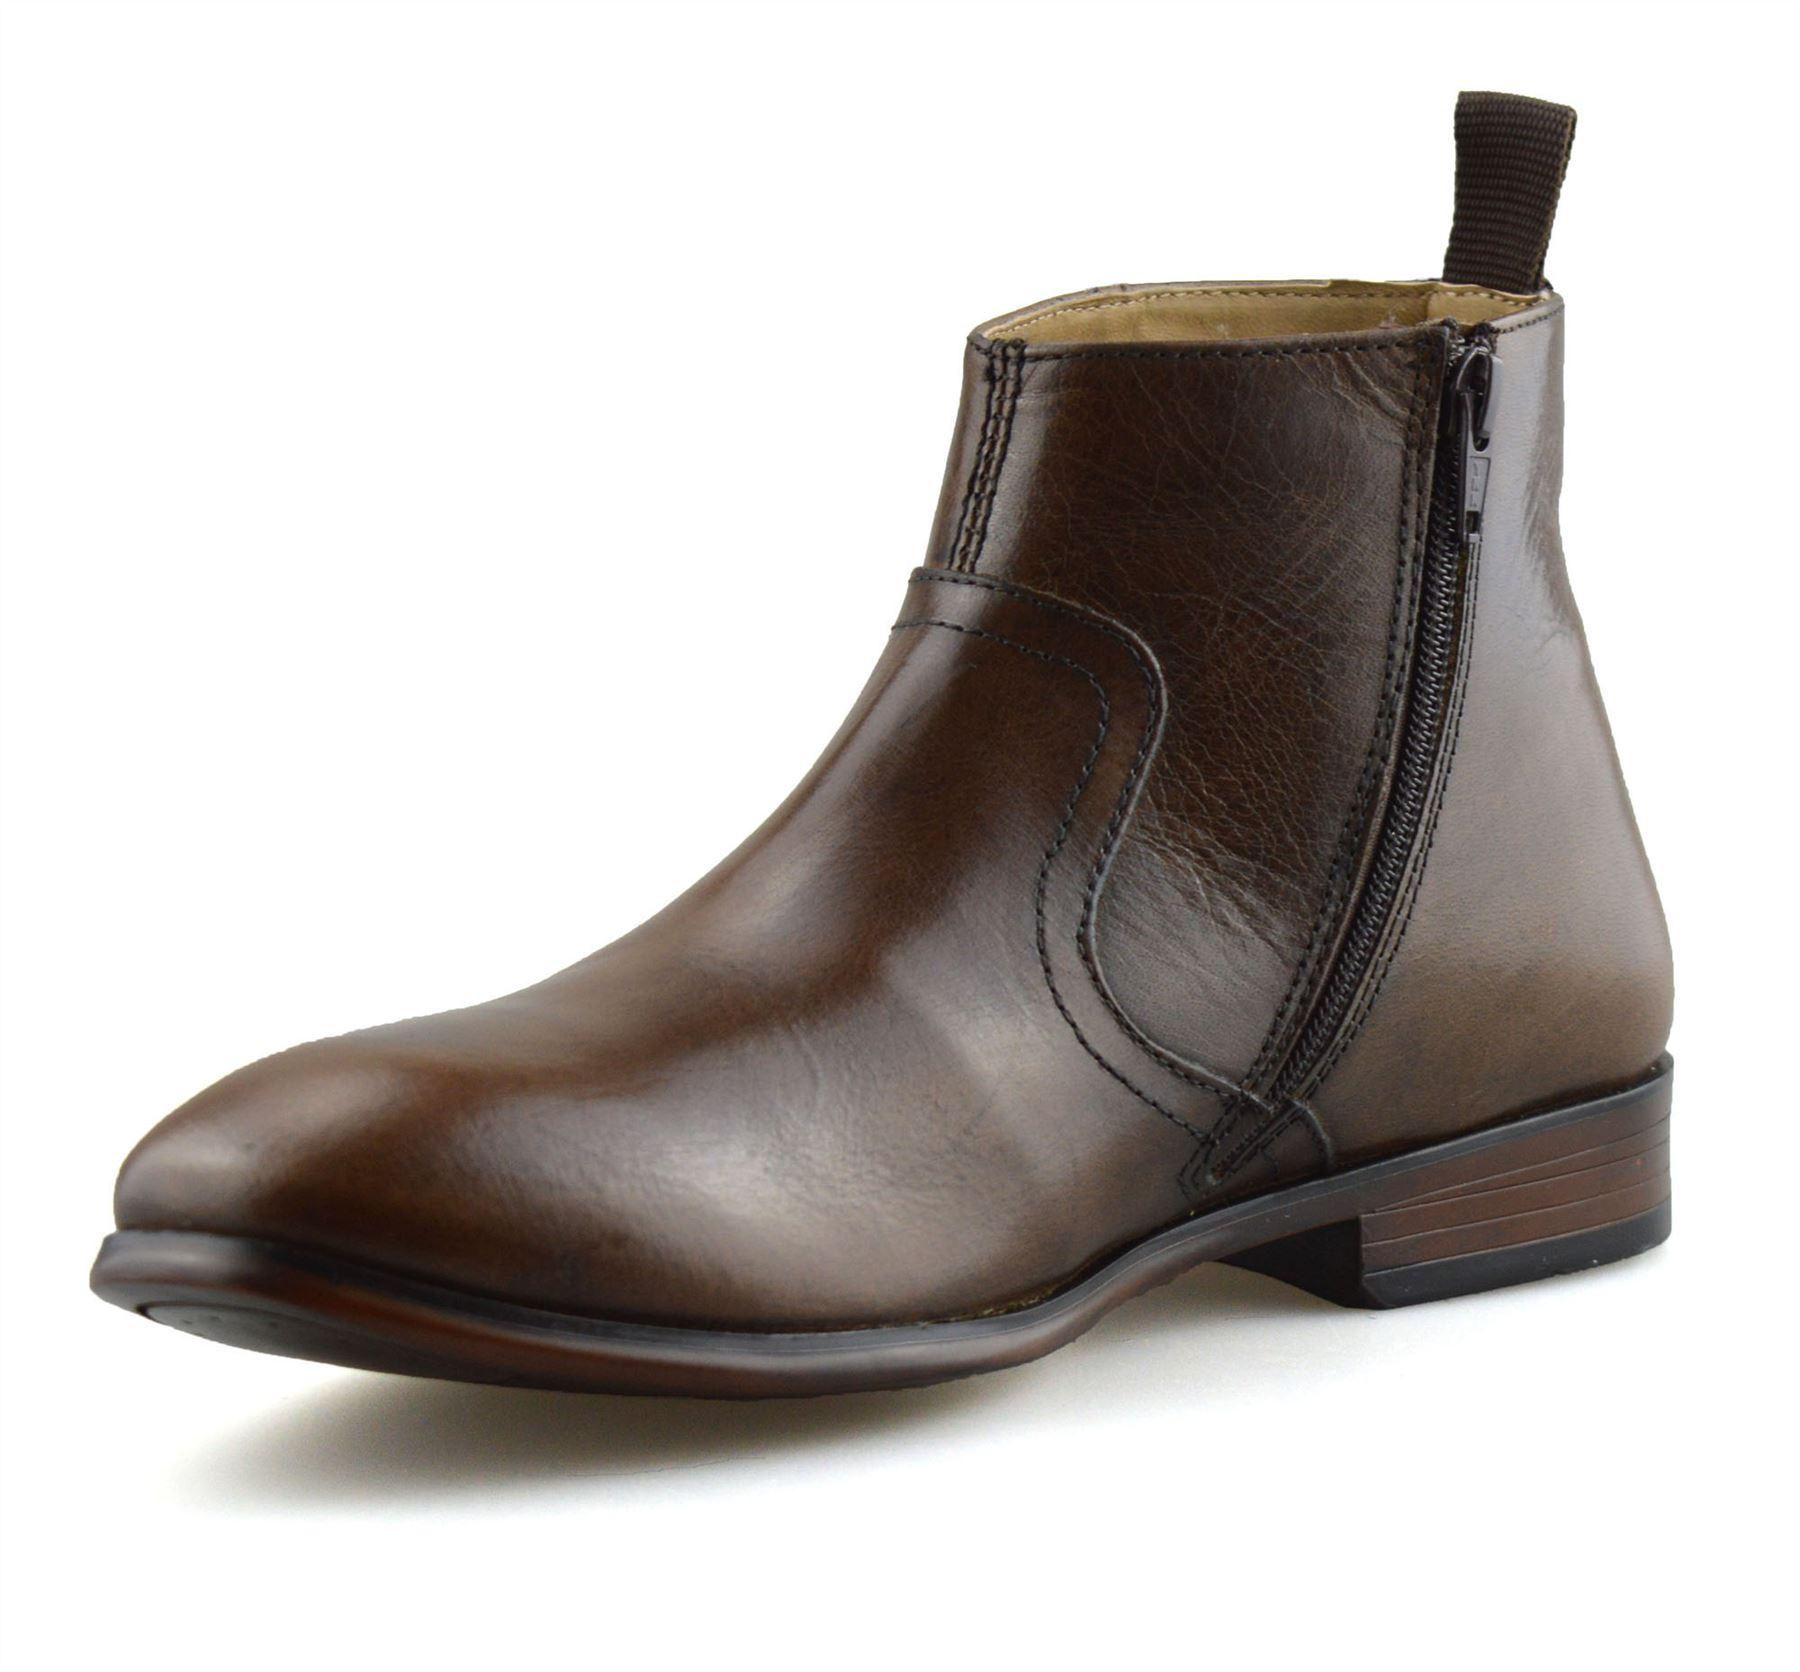 Hombre-Nuevo-Cuero-Cremallera-Formal-Smart-Trabajo-Distribuidor-Chelsea-Botas-al-Tobillo-Zapatos miniatura 26